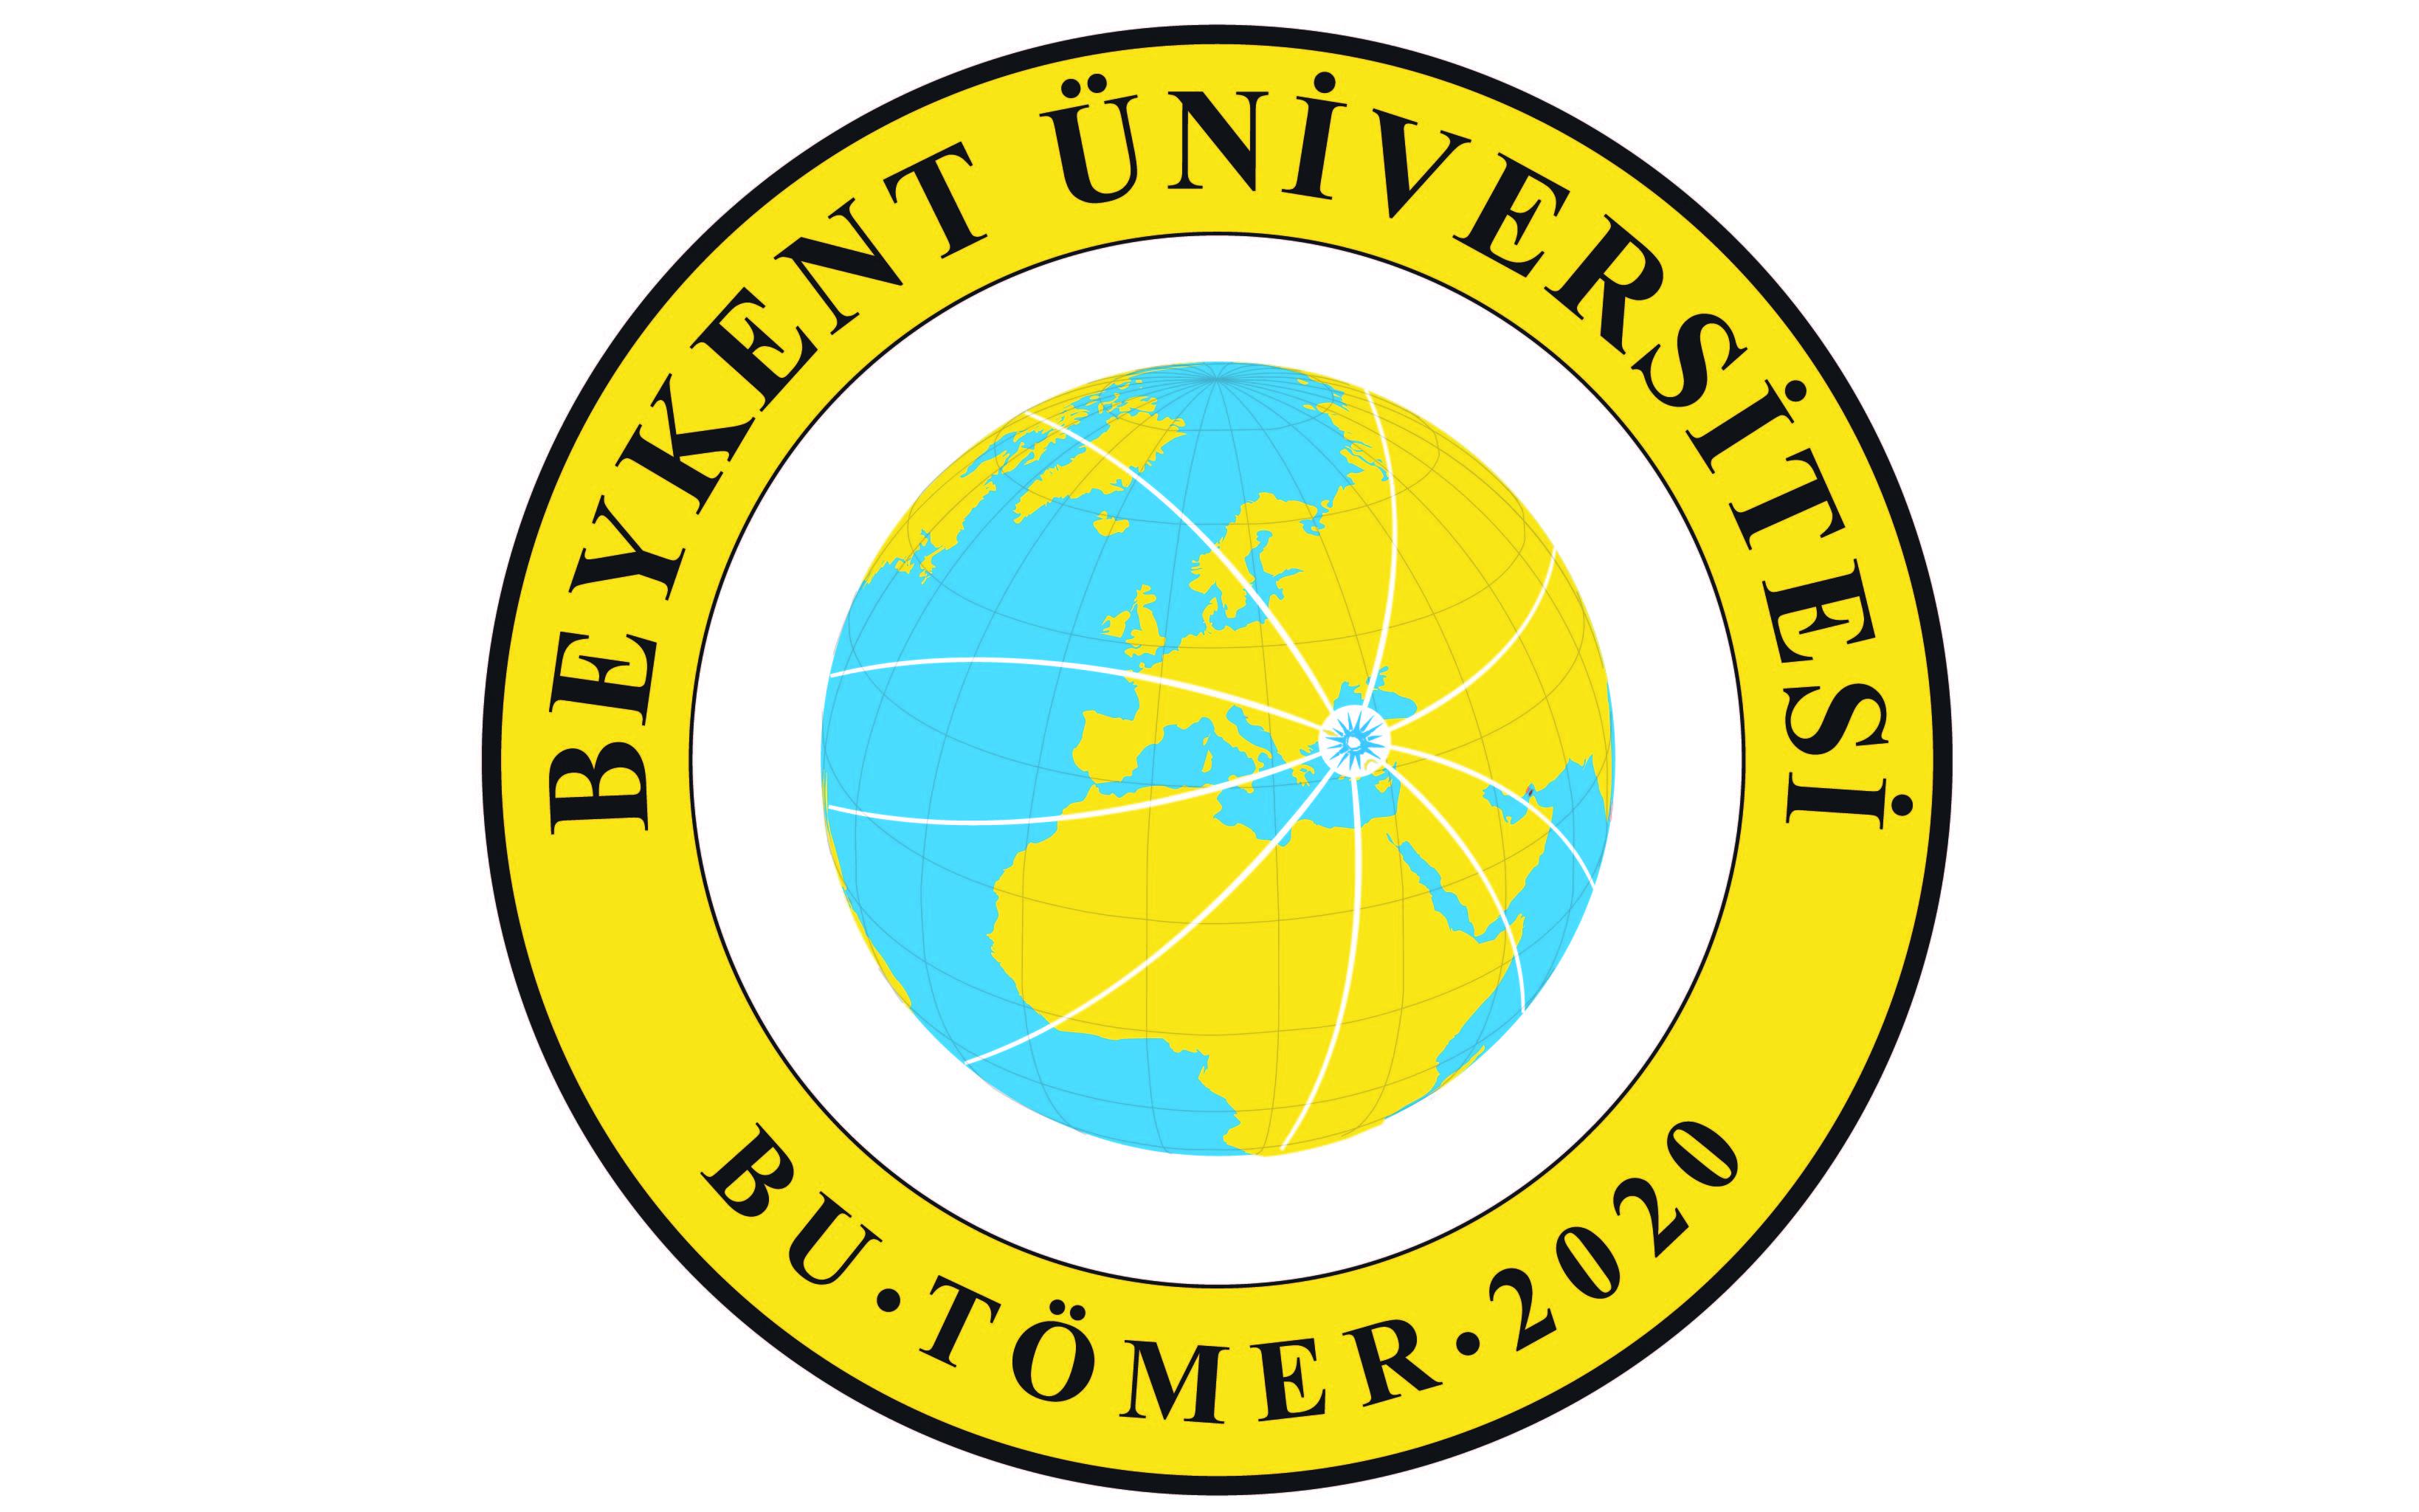 bu-tomer-logo